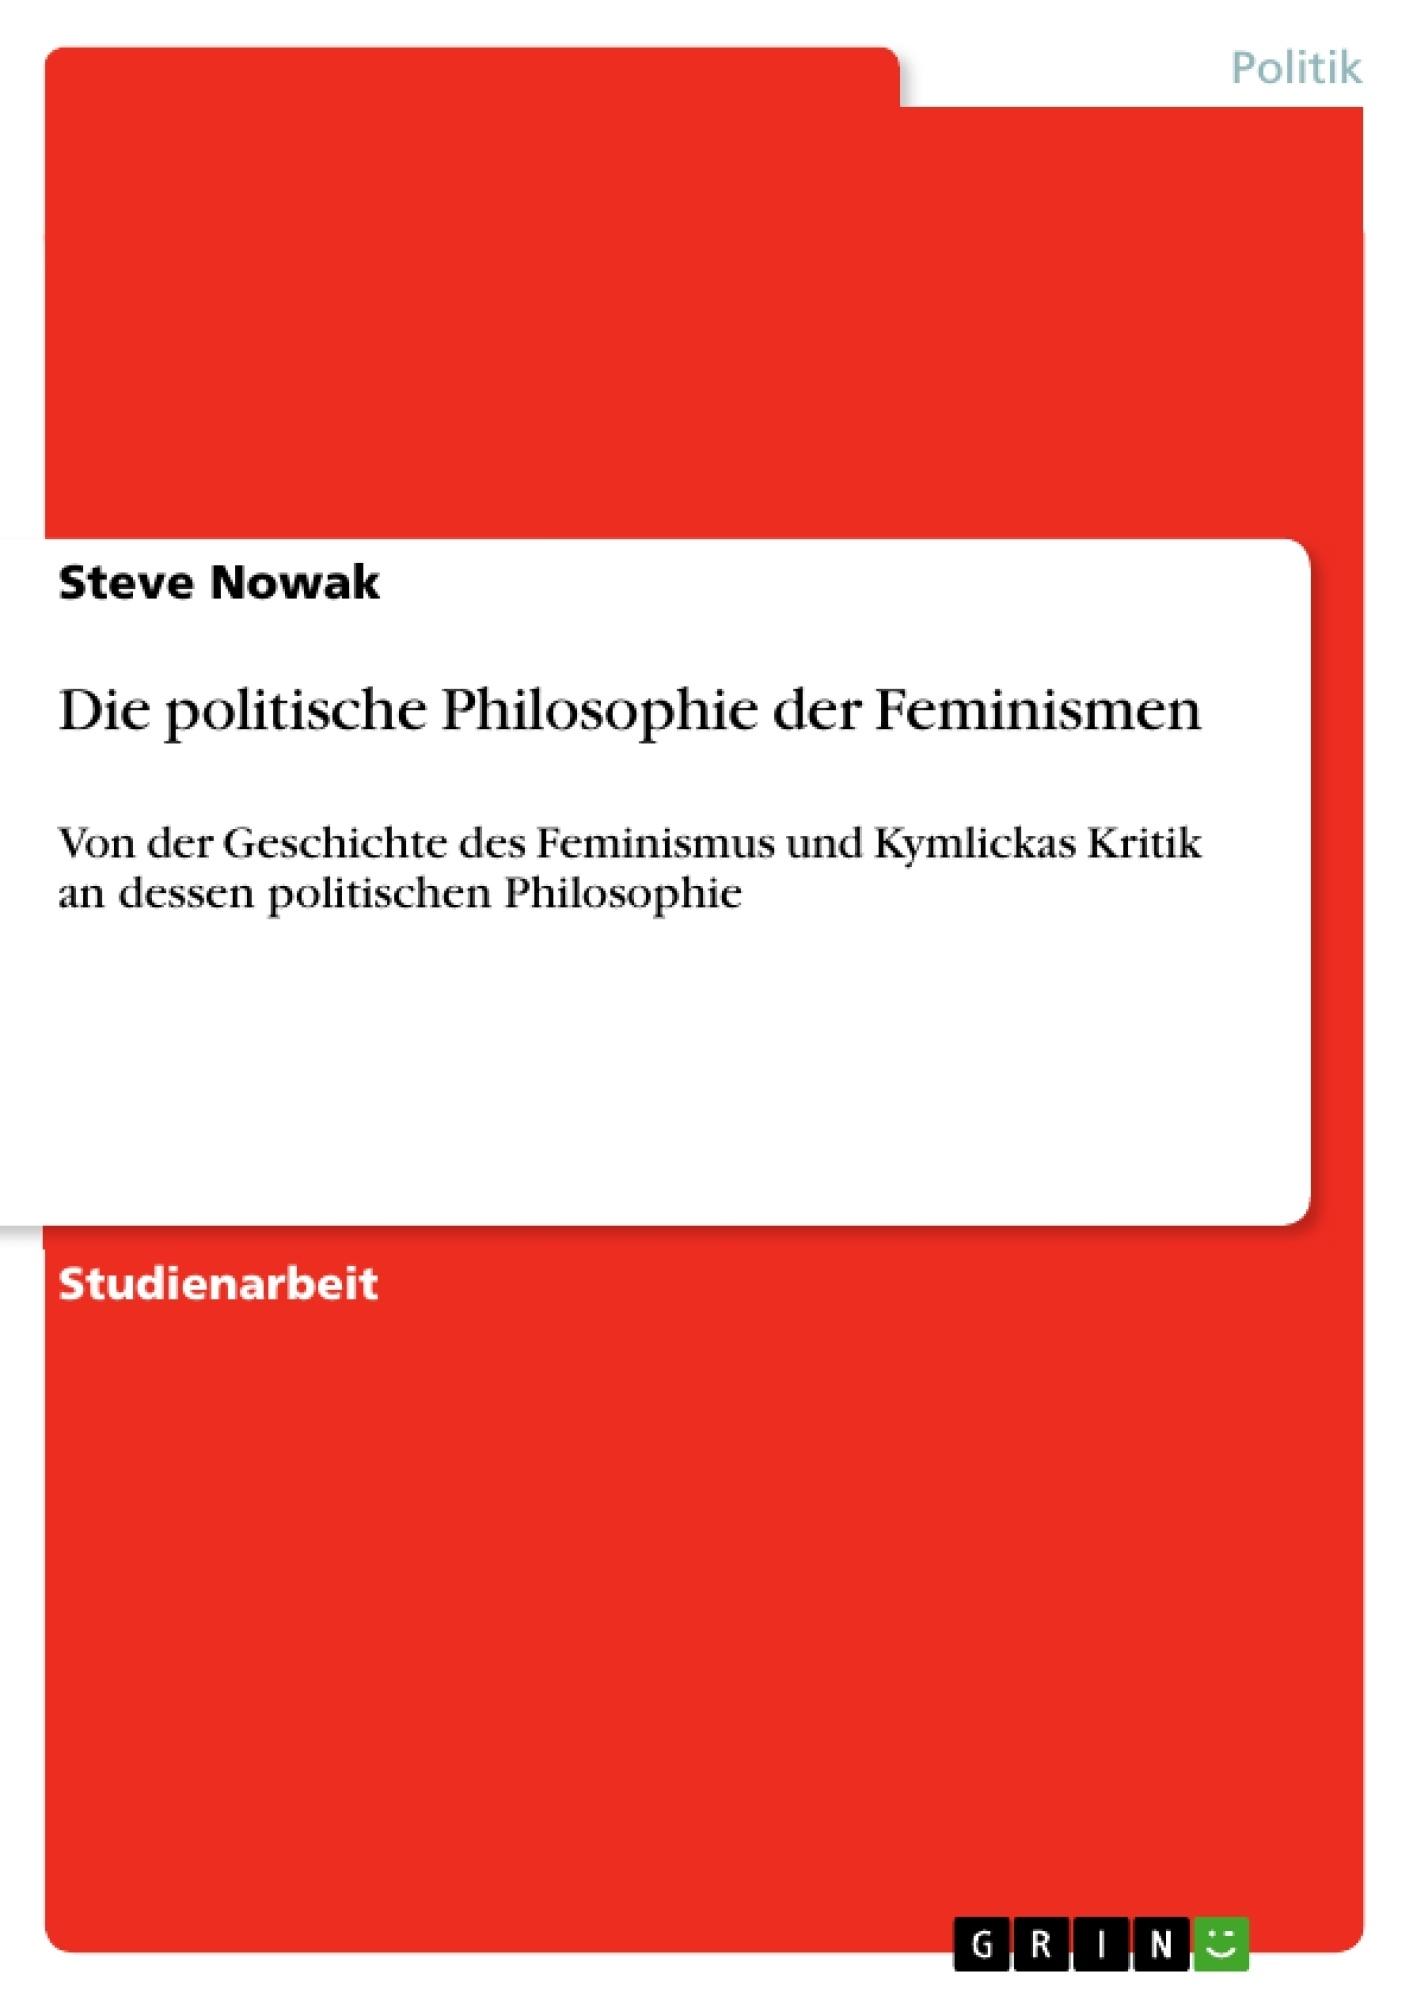 Titel: Die politische Philosophie der Feminismen